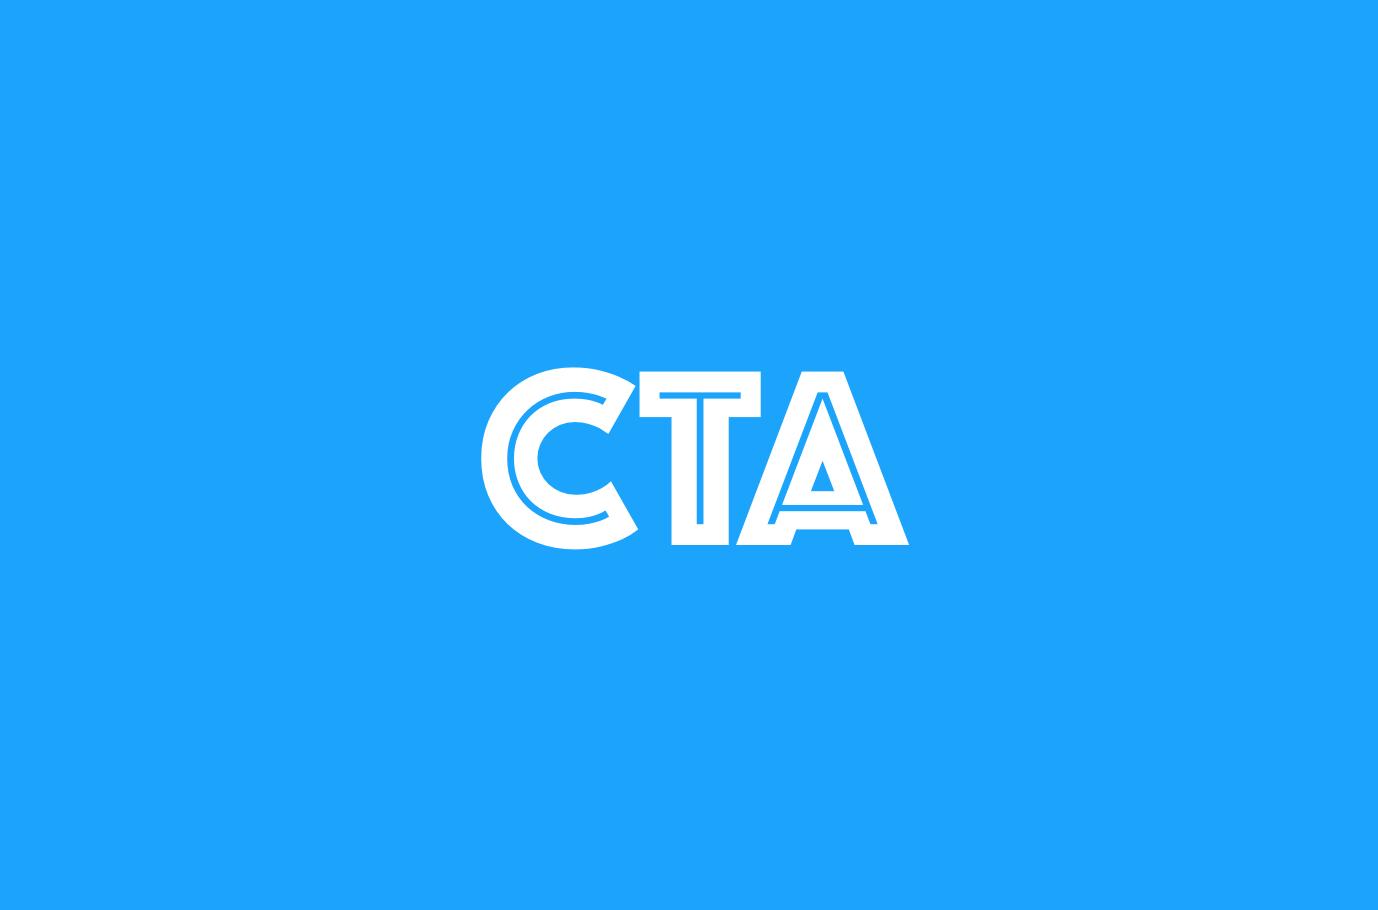 【5つの手法】CTA改善は「動物の本能」に訴求することで、コンバージョンさせられる